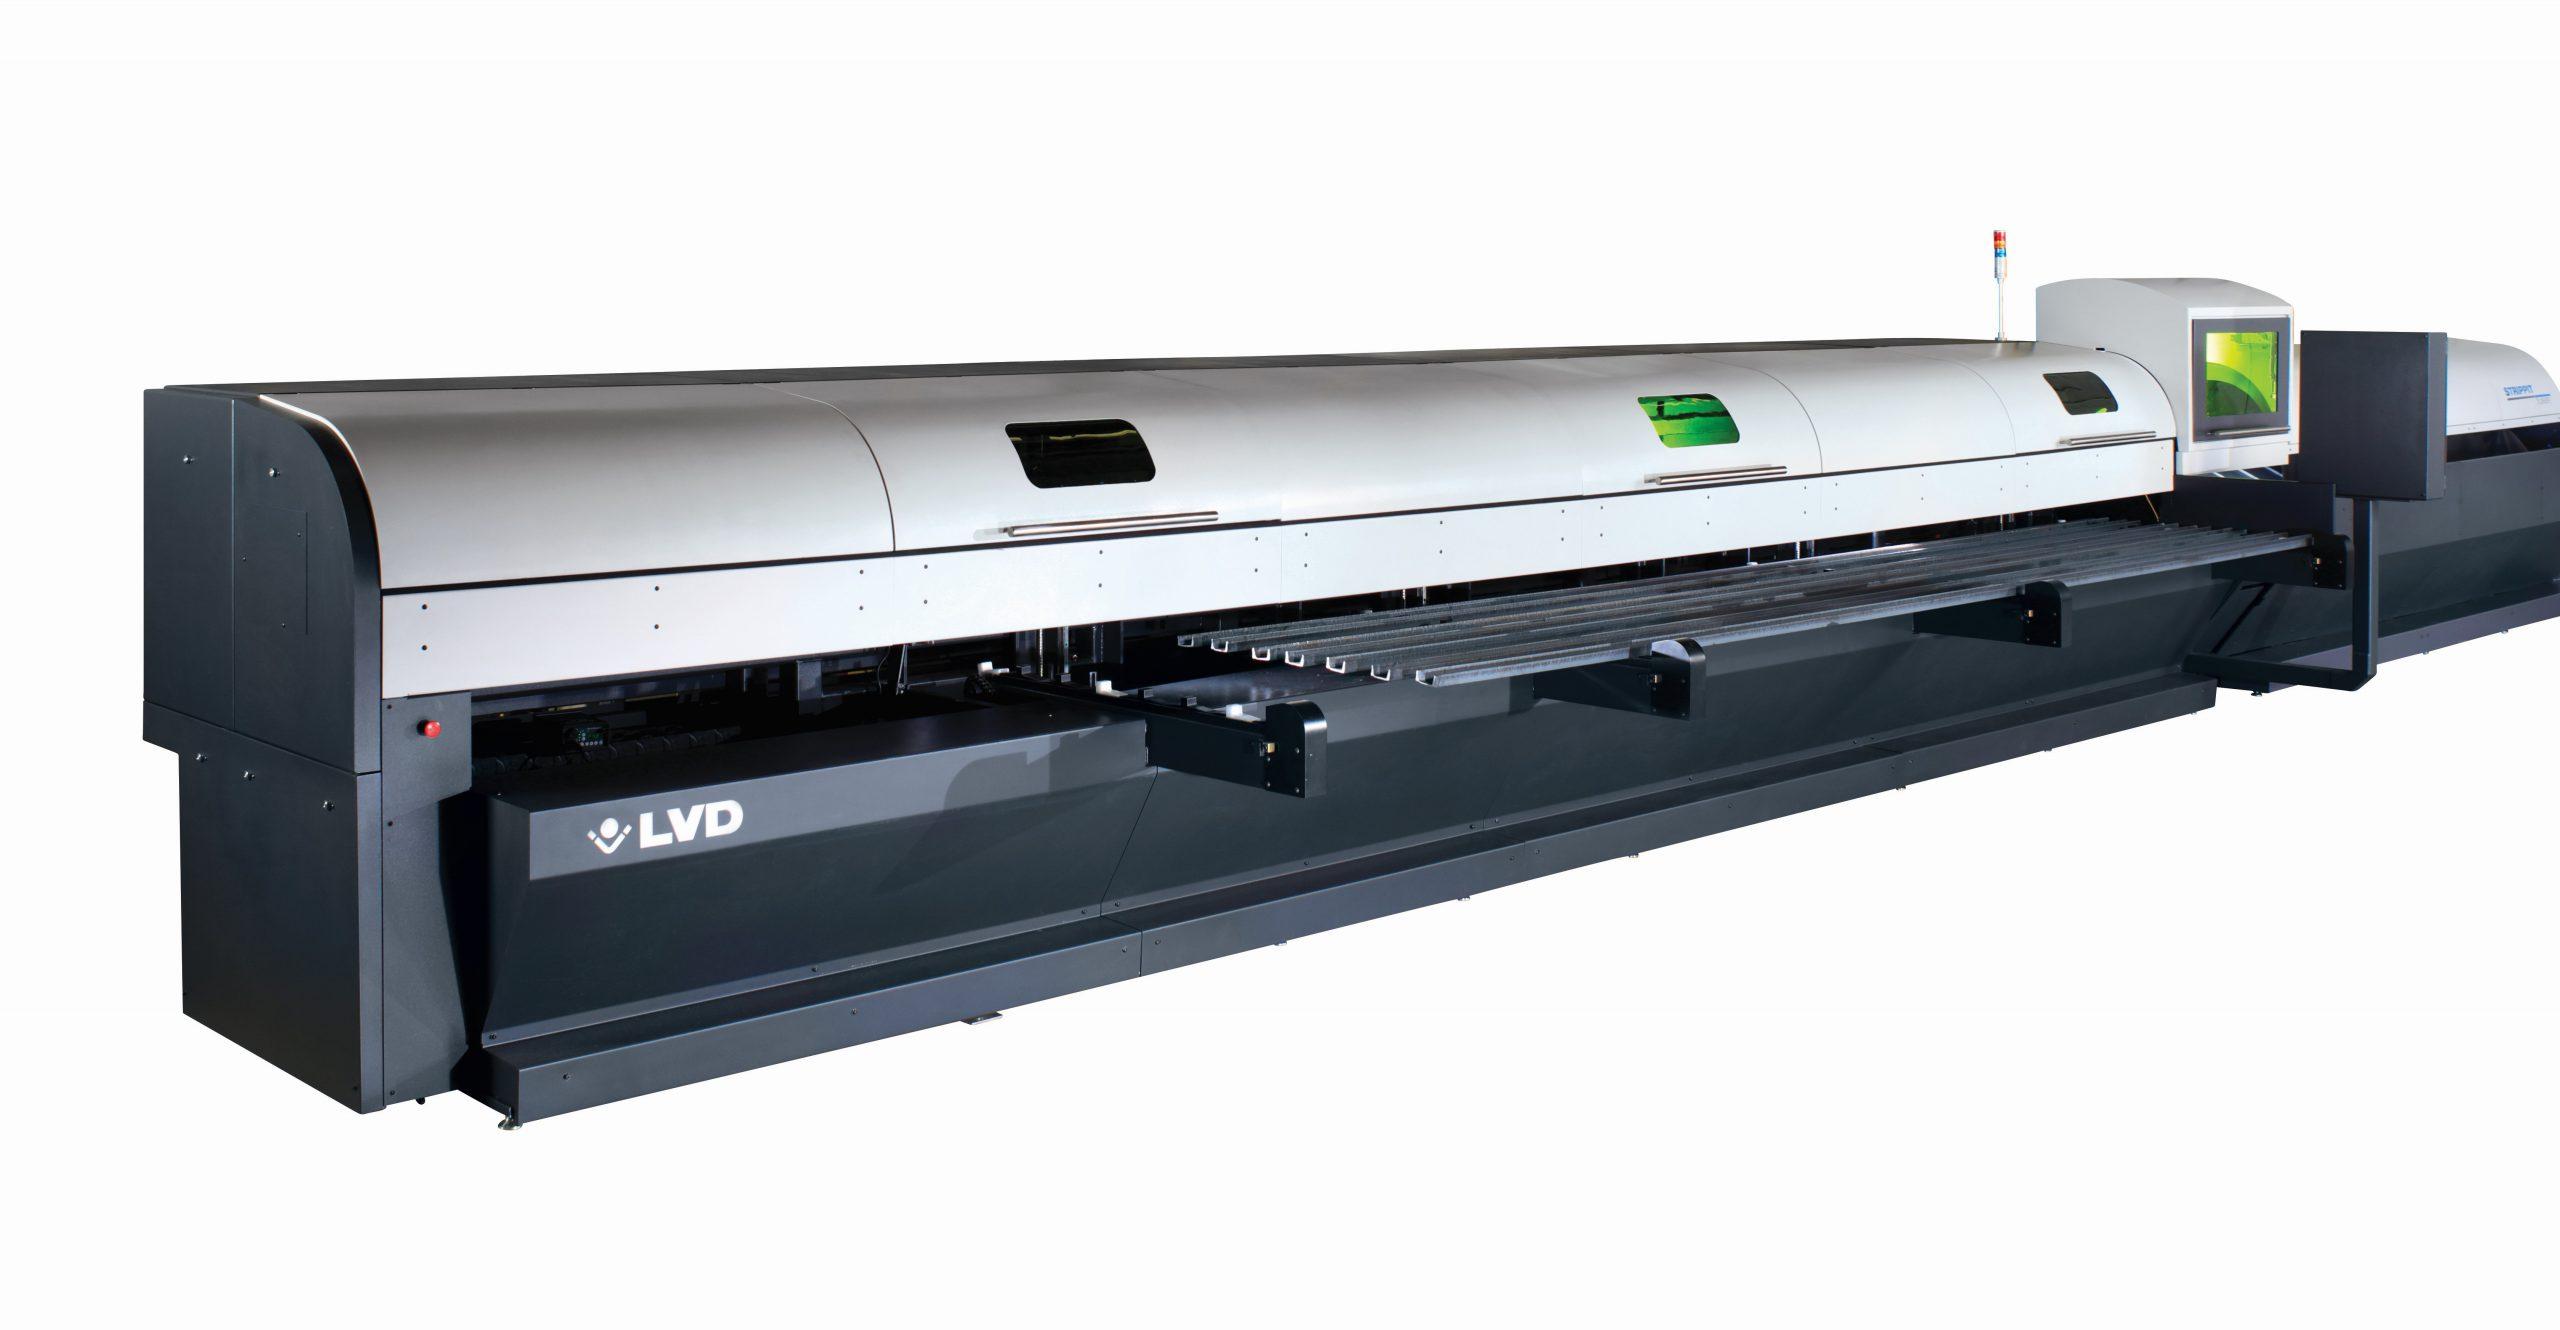 Vamzdžių pjovimo lazeris LVD TL 2665 - Tube laser LVD